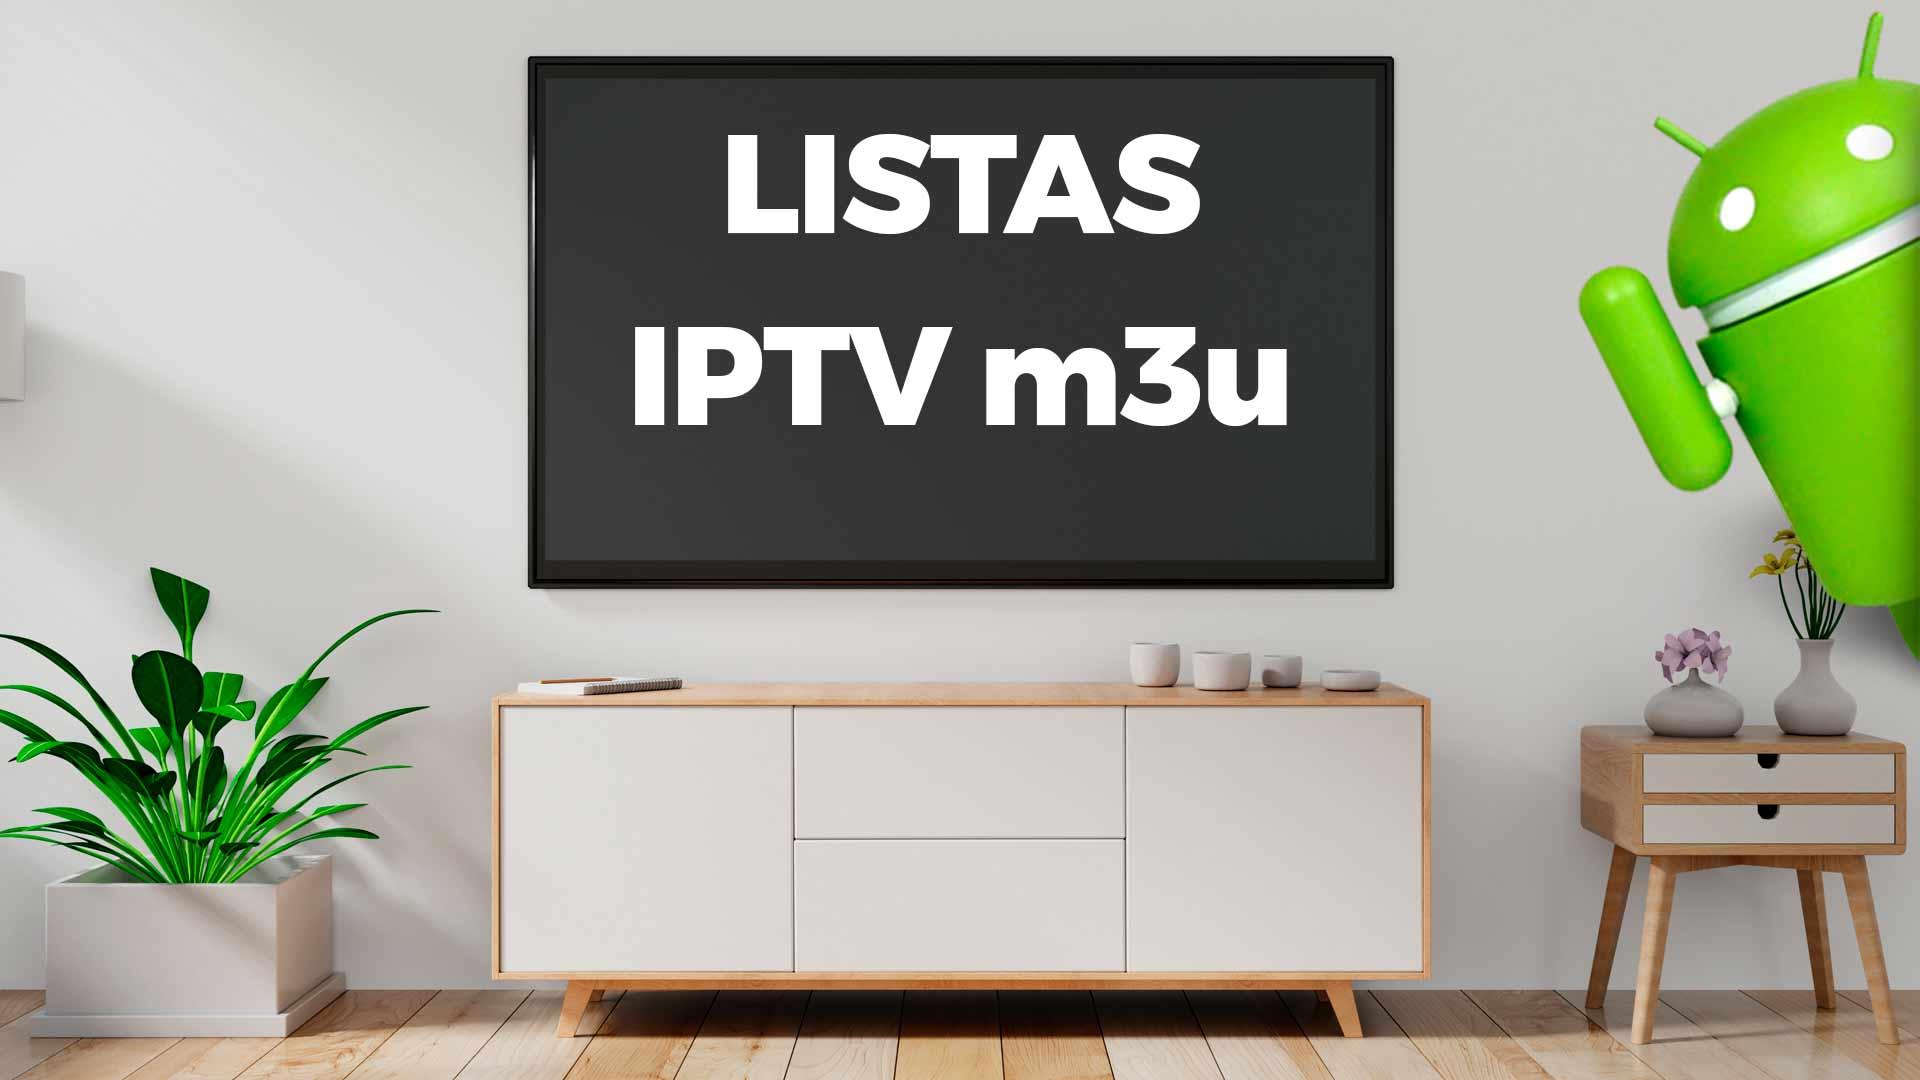 Listas IPTV 2020